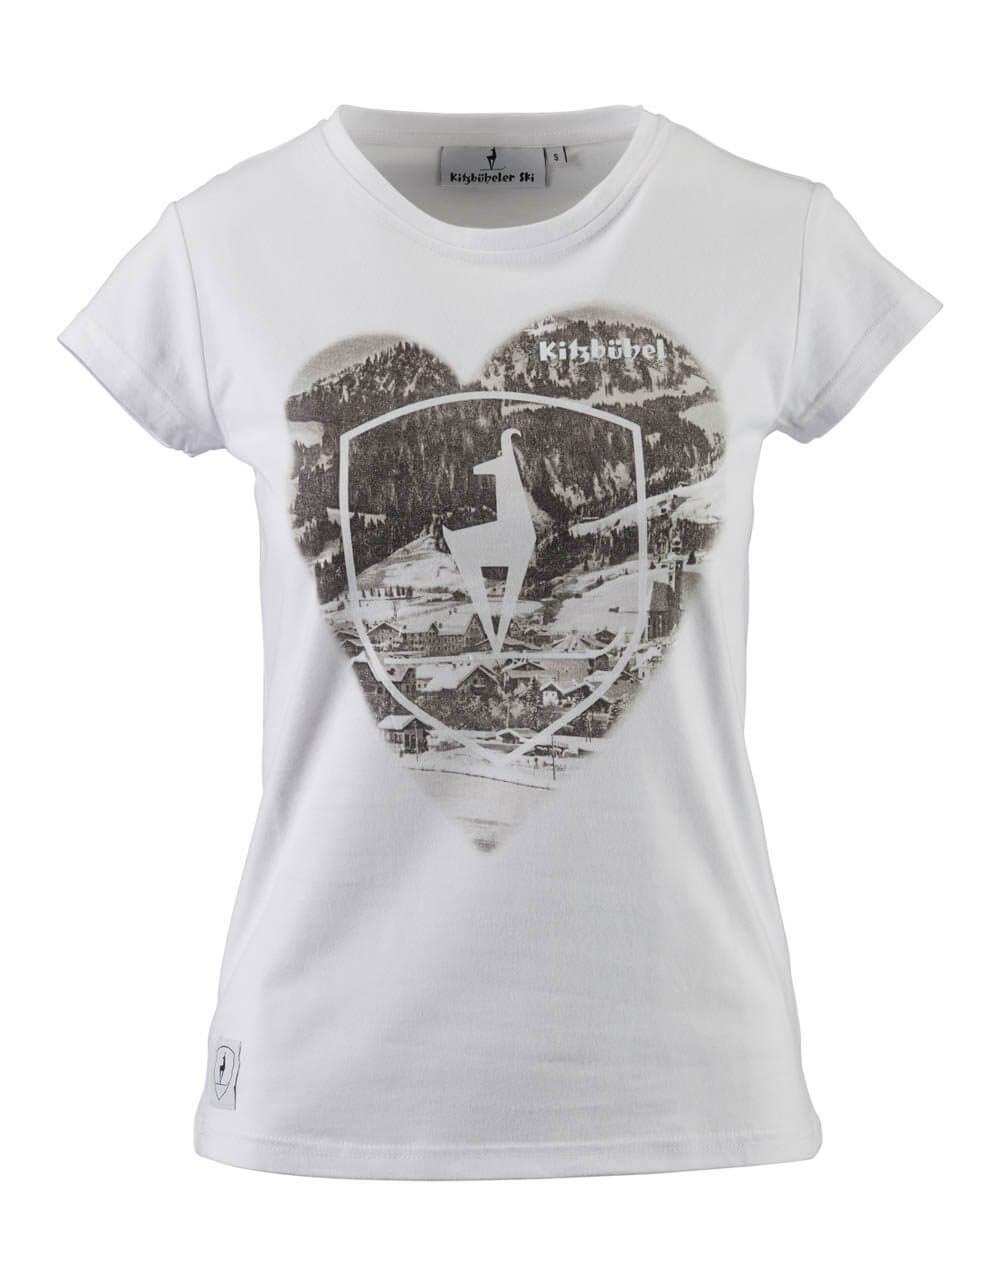 681523800 Damen T-Shirt weiss herz